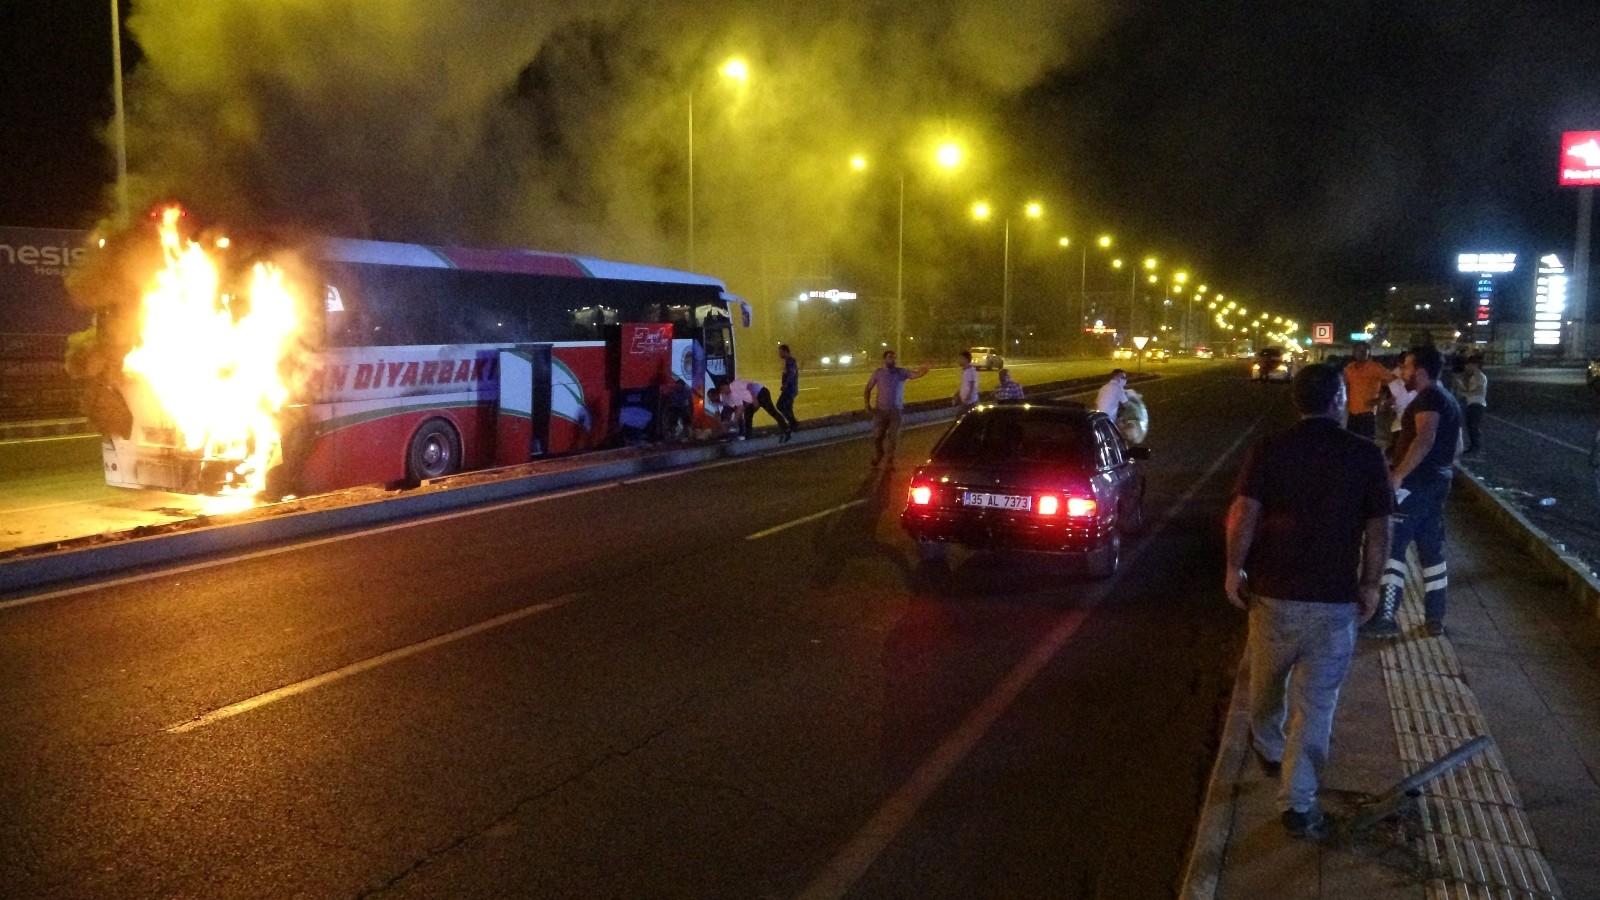 Diyarbakır'da faciadan dönüldü: Yolcu otobüsü seyir halindeyken cayır cayır  yandı - Diyarbakır Haberleri